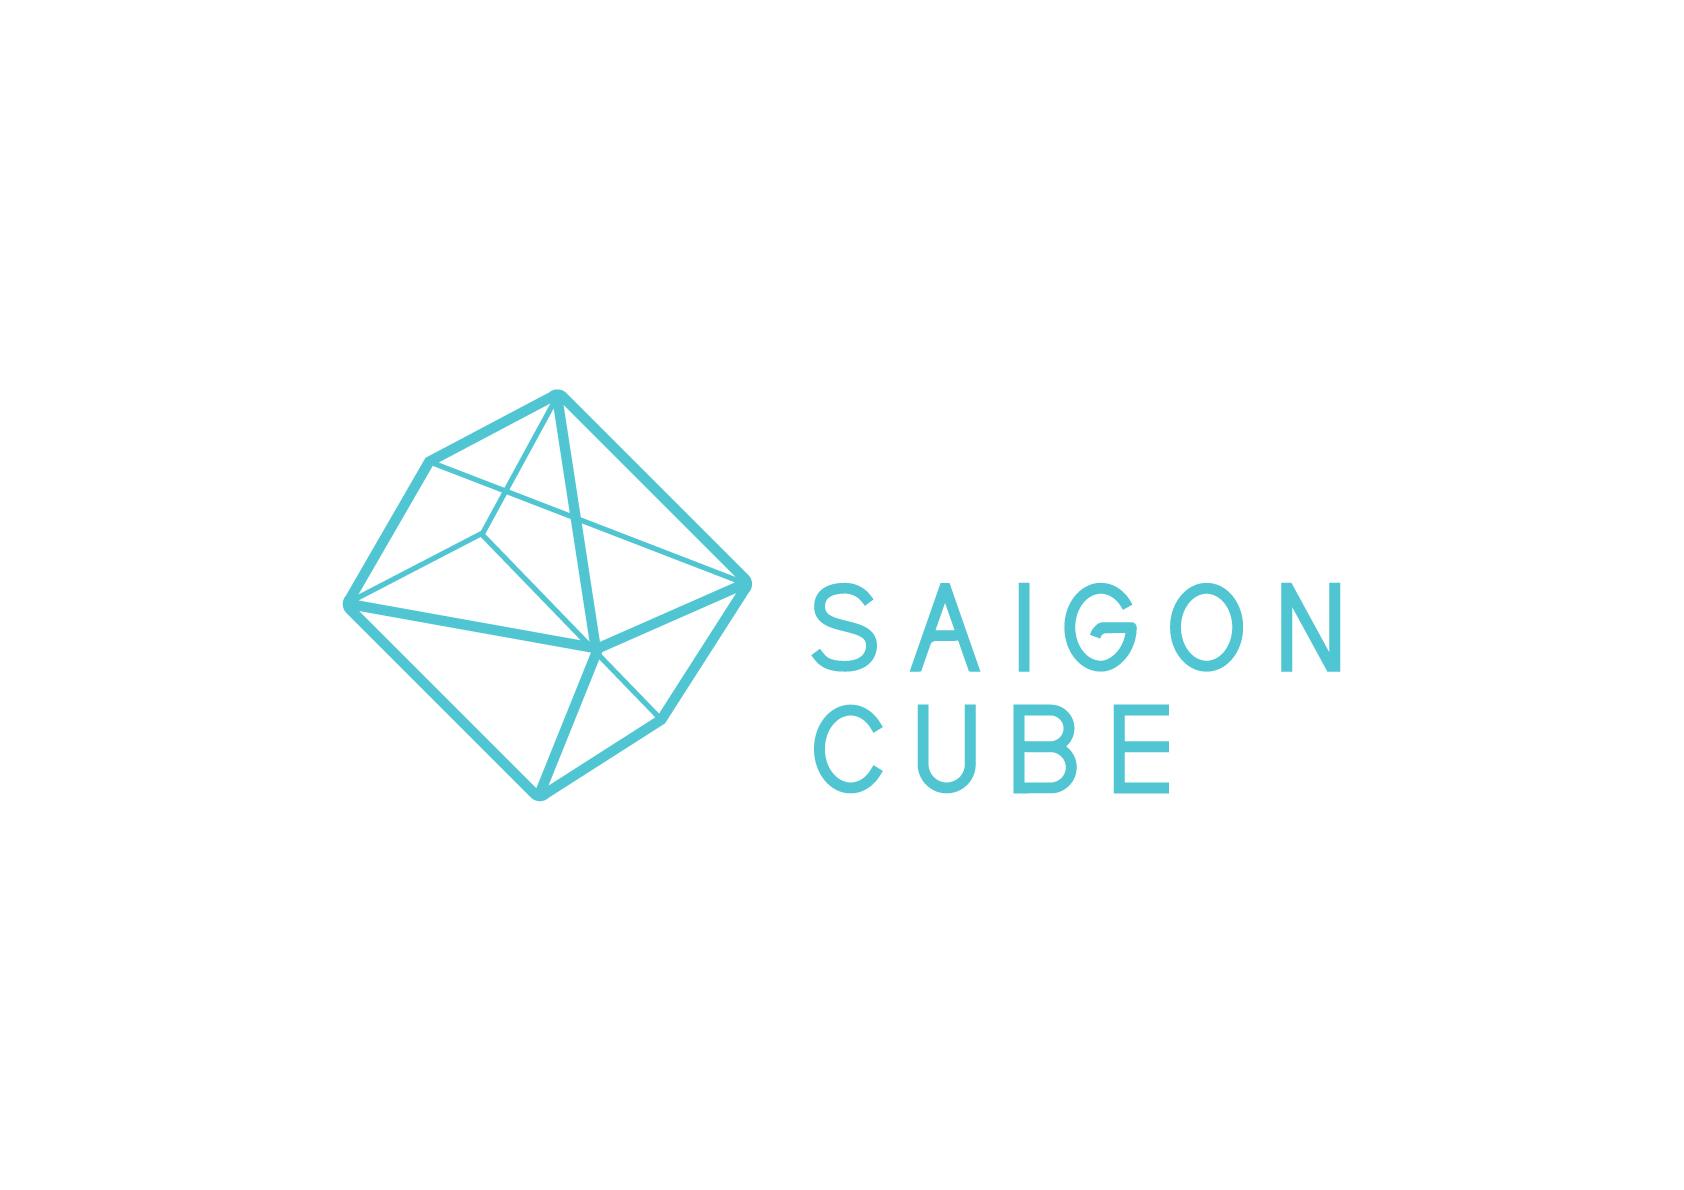 Saigon Cube